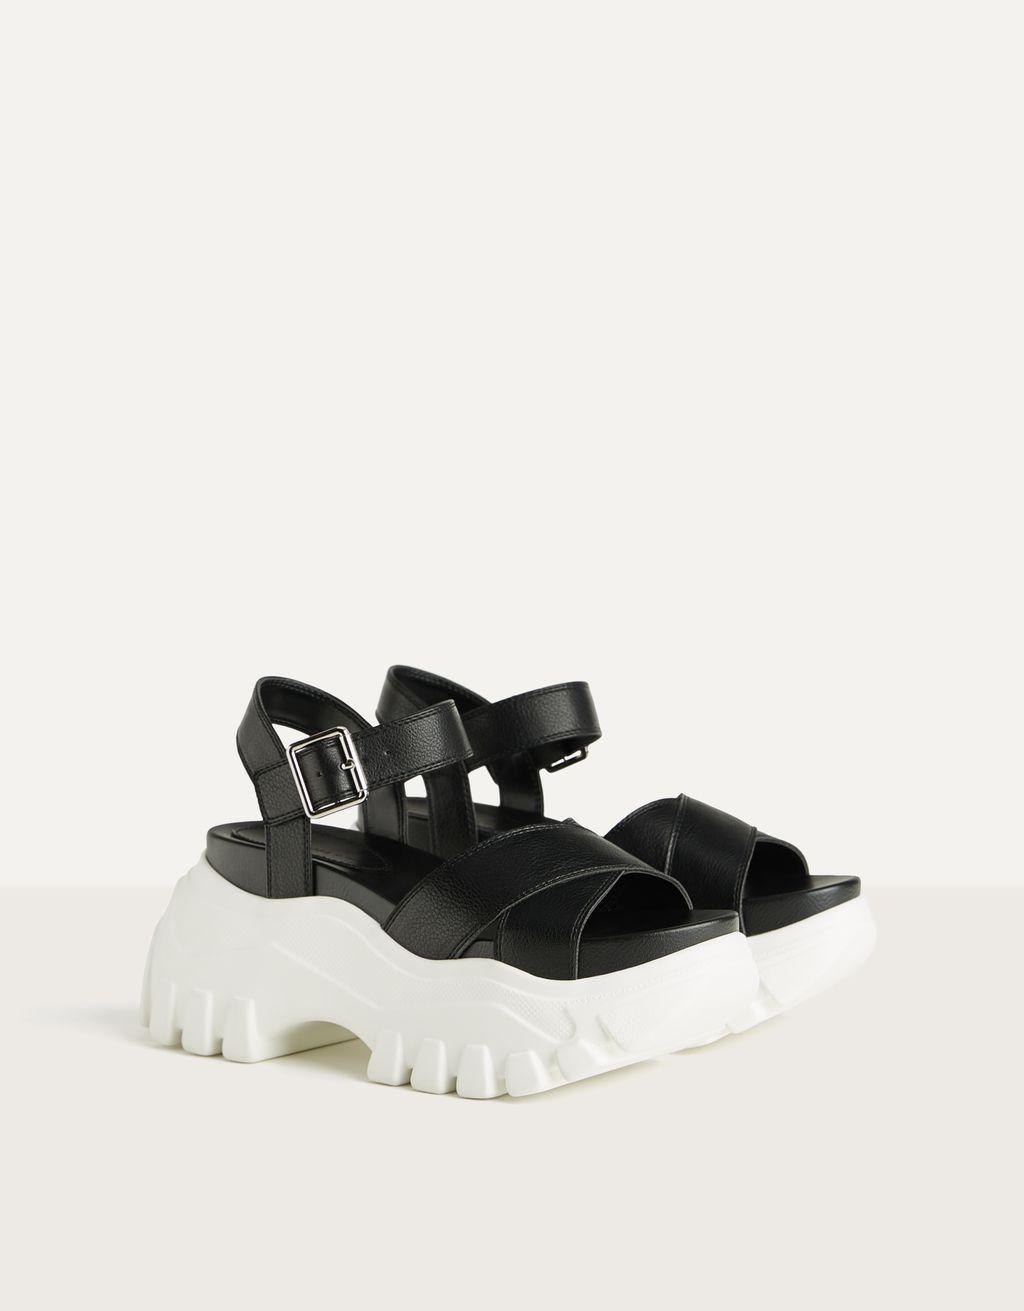 Sandales sport plateforme